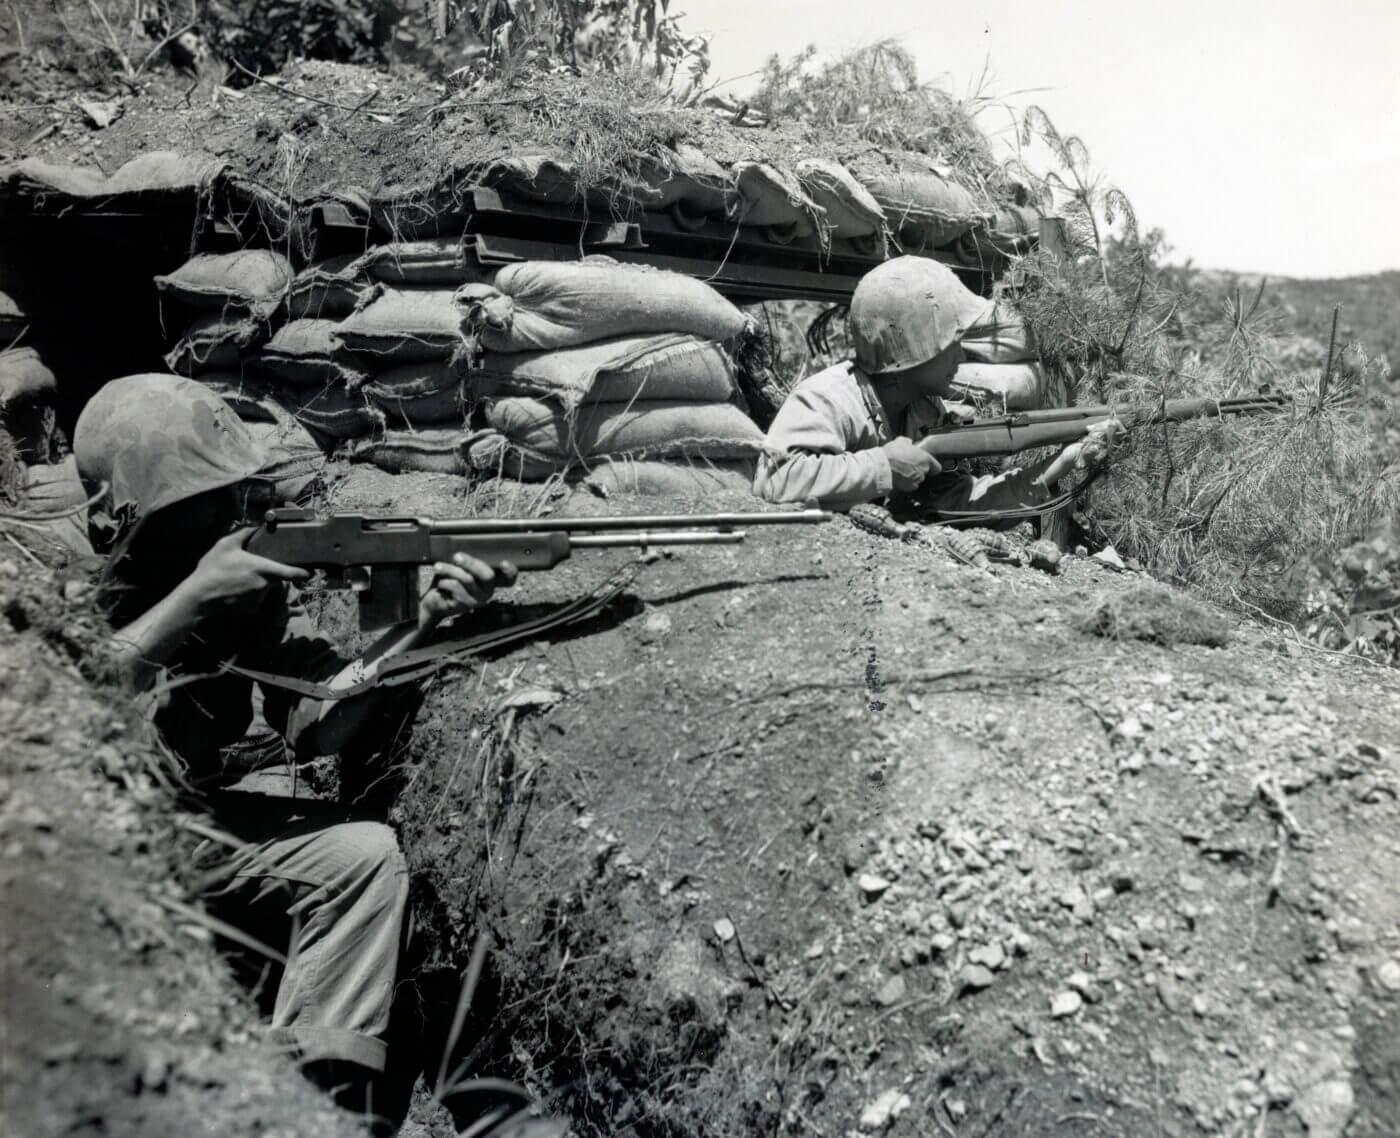 BAR gunner in a bunker in Korea